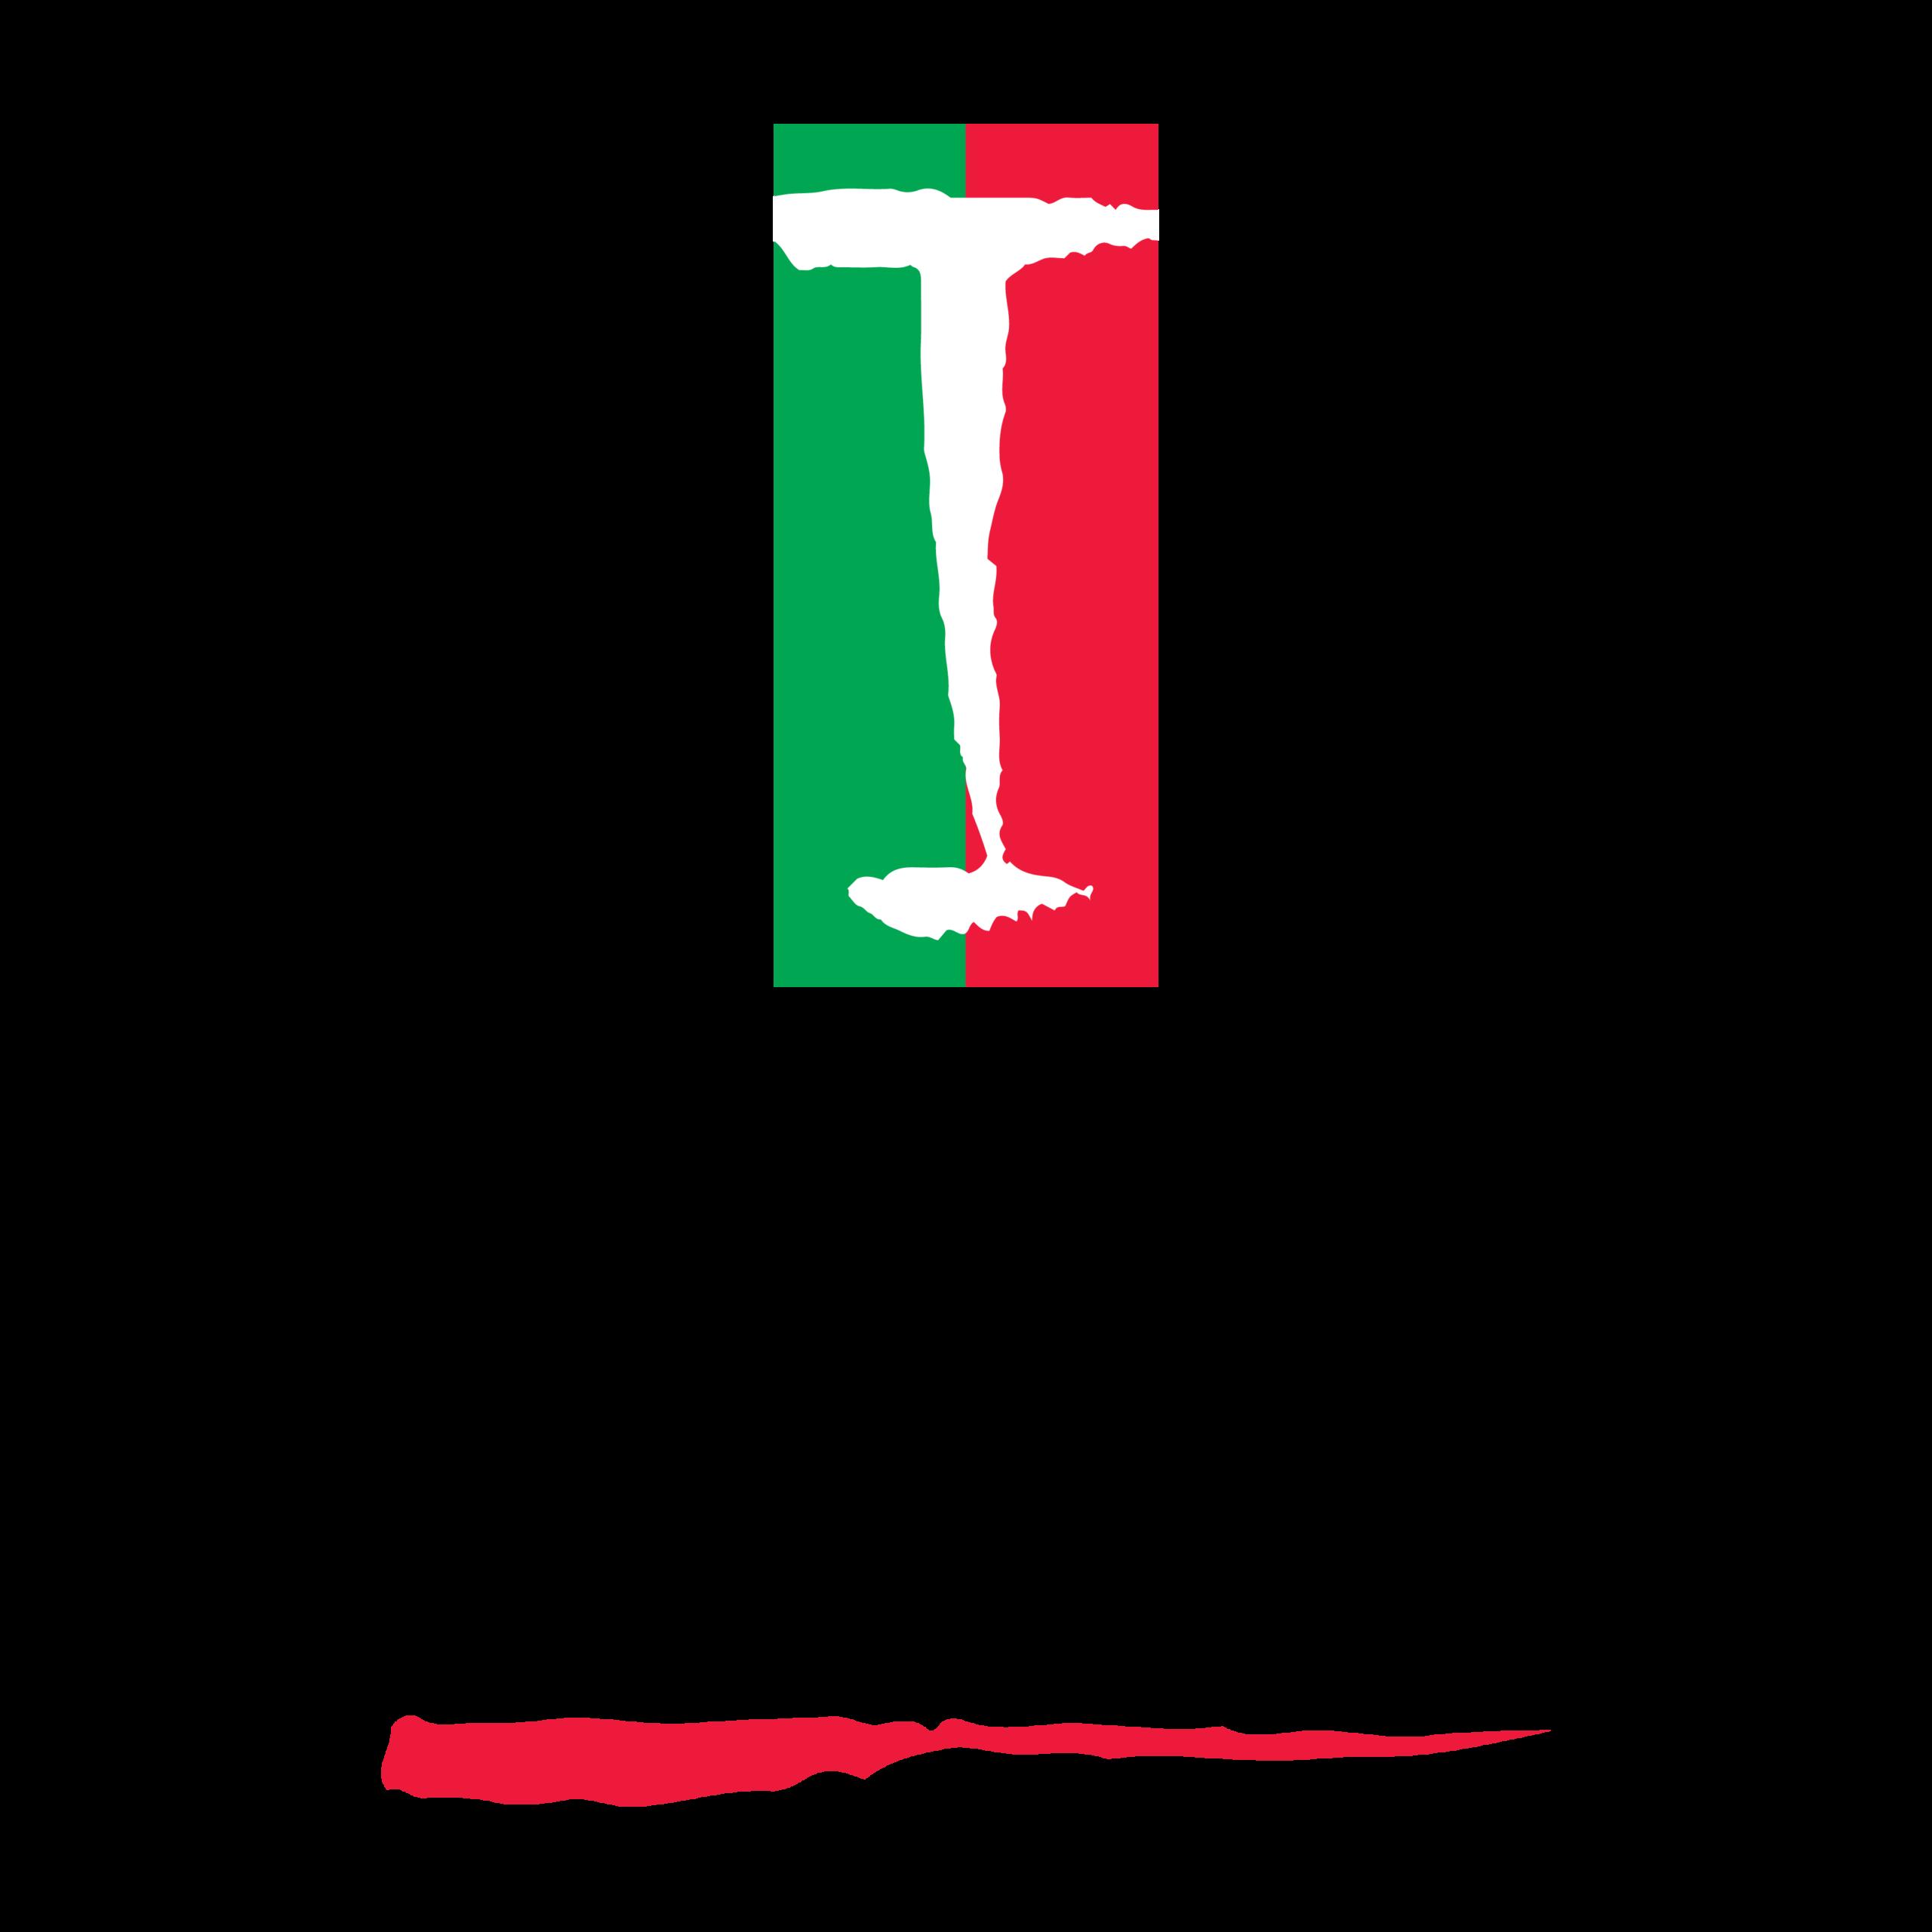 Client Profile: The Liguori Family